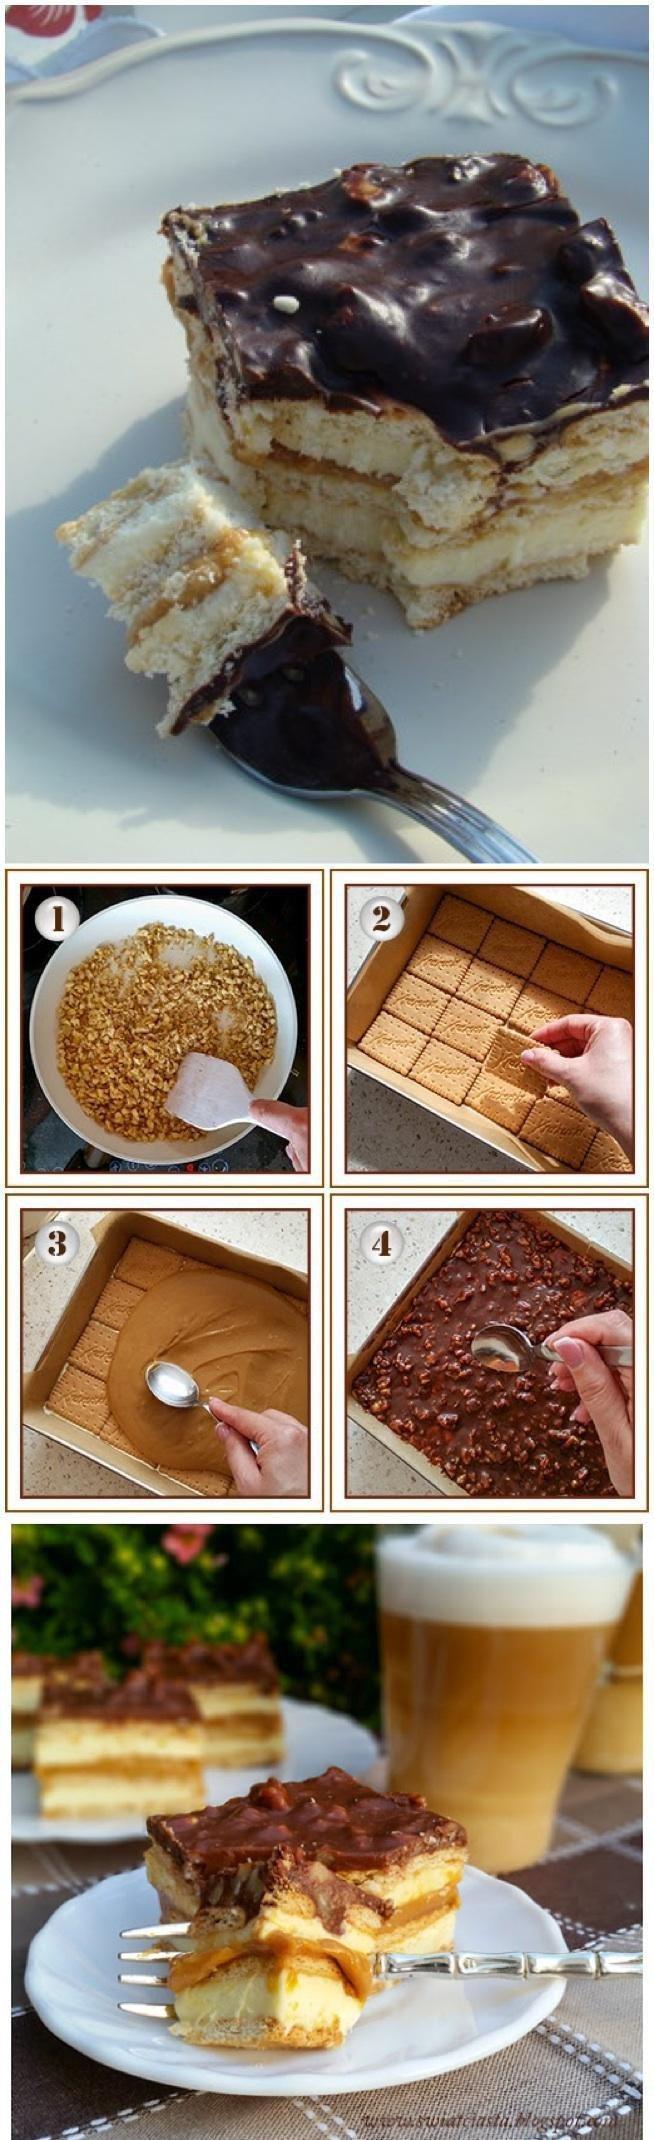 MAXI KING CIASTO  SKŁADNIKI: ok. 400 g herbatników, 1 puszka gotowego masy krówkowej (lub mleka skondensowanego słodzonego gotowanego przez 2,5 - 3 godziny) SKŁADNIKI MASY MLECZNEJ: 1,5 kostki miękkiego masła, 1 szklanka mleka, 3/4 szklanki cukru, 2 łyżeczki cukru waniliowego, 400 - 500 g mleka w proszku (miałkiego) SKŁADNIKI POLEWY; 2 czekolady gorzkie, 1/2 szklanki kremówki, 150 g orzechów laskowych (ew. ziemnych) WYKONANIE Orzeszki posiekać i podprażyć na suchej patelni (fot.1). Blachę wyłożyć papierem do pieczenia. Położyć pierwszą warstwę herbatników (fot.2). Szklankę mleka, cukier i cukier waniliowy zagotować i odstawić do ostygnięcia. Masło utrzeć na gładką i puszystą masę, a następnie dodać mleko i mleko w proszku (wedle uznania od 3 do 4 szklanek). Utrzeć. Masę na chwilę odstawić do lodówki, żeby trochę zgęstniała. Następnie połowę masy mlecznej wyłożyć na herbatniki i przykryć następną warstwą herbatników. Przygotować masę krówkową. Dobrze jest ją wcześniej podgrzać wkładając puszkę do garnka z wodą i chwilę pogotować. Będzie się lepiej rozprowadzać (fot.3). Wyłożyć ją na herbatniki. Bezpośrednio na masę krówkową rozprowadzić resztę masy mlecznej, a na nią warstwę herbatników. Czekoladę roztopić w rondelku razem z mlekiem. Kiedy się rozpuści, dodać orzeszki i polać nią wierzch ciasta (fot.4). Całość schłodzić w lodówce przez minimum 3 godziny.